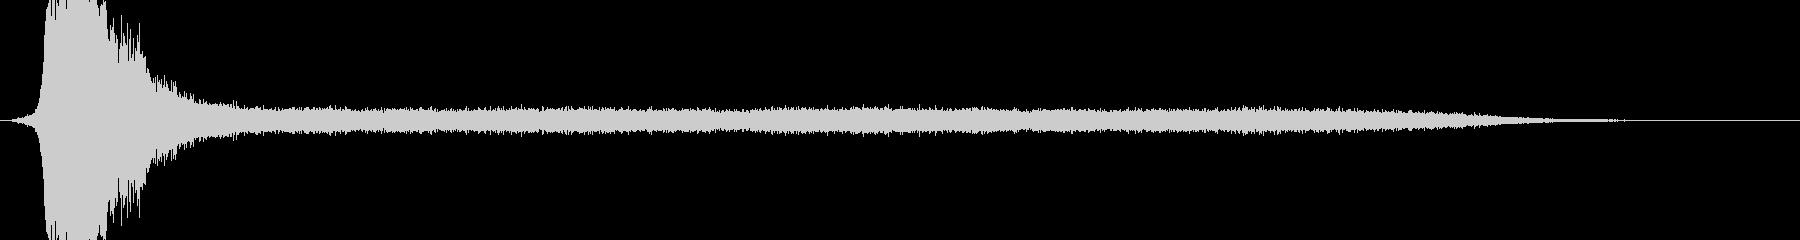 RPG系魔法詠唱イメージ音02の未再生の波形